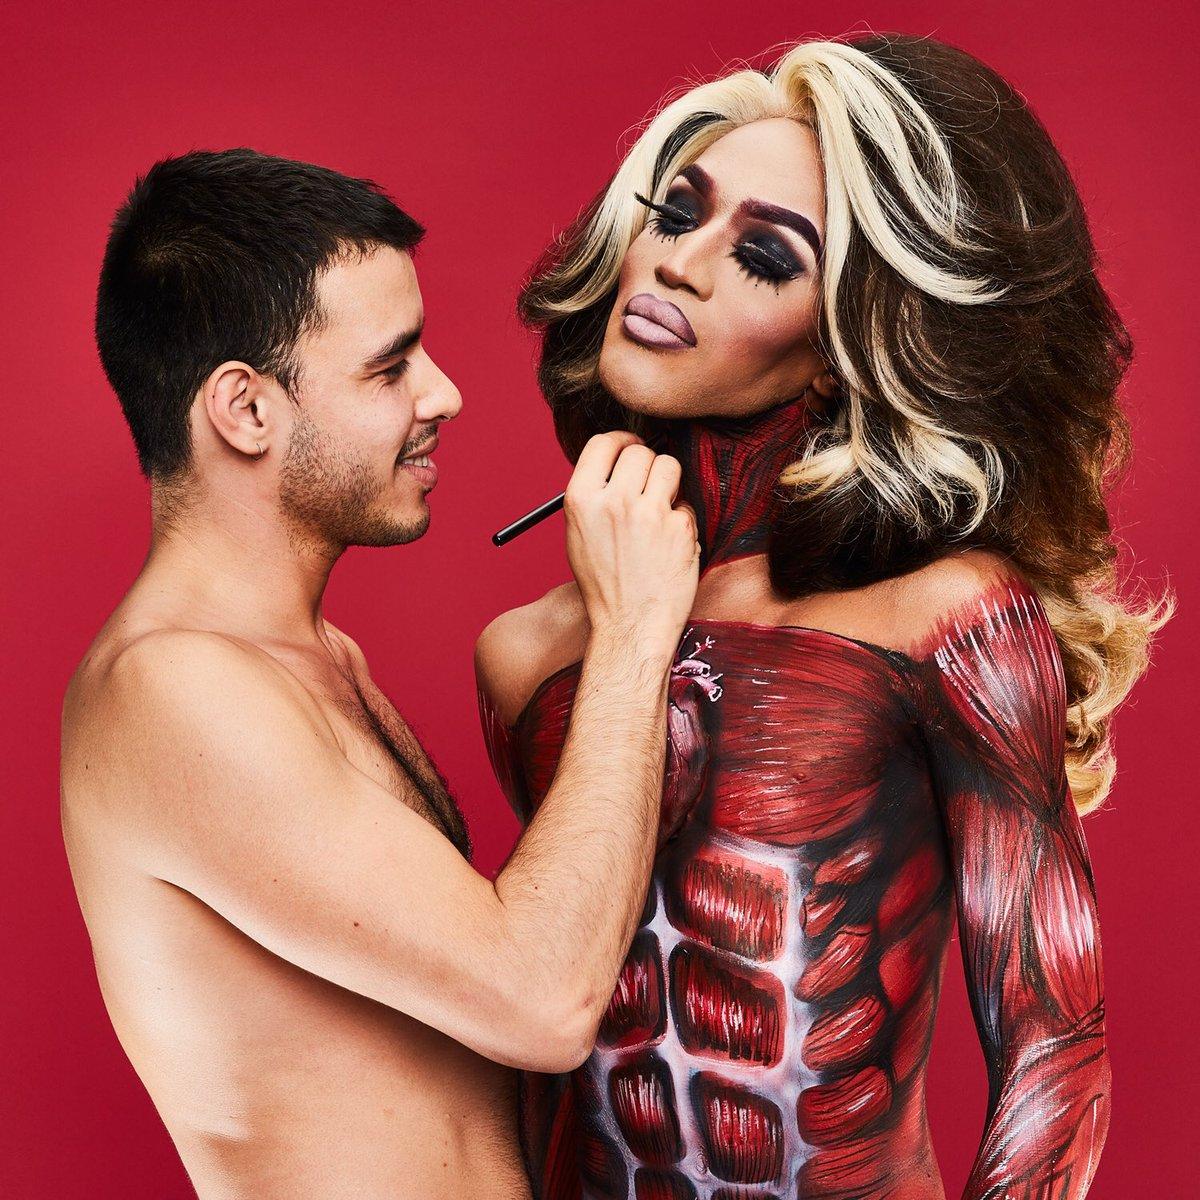 Los chulazos de Tom of Finlad cobran vida con el body painting